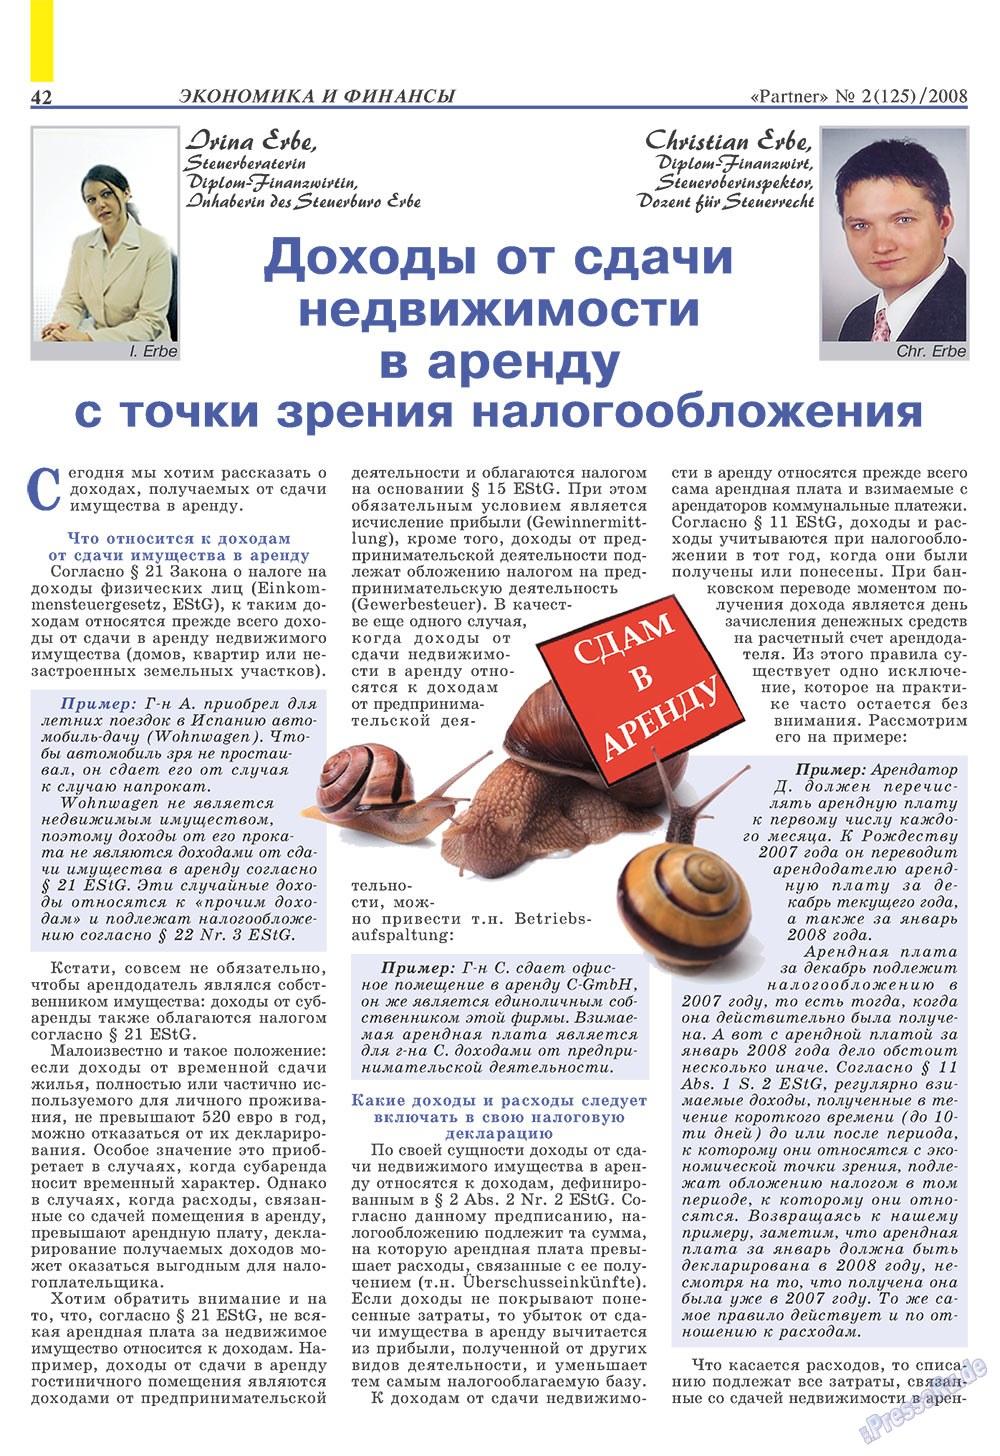 Партнер (журнал). 2008 год, номер 2, стр. 42